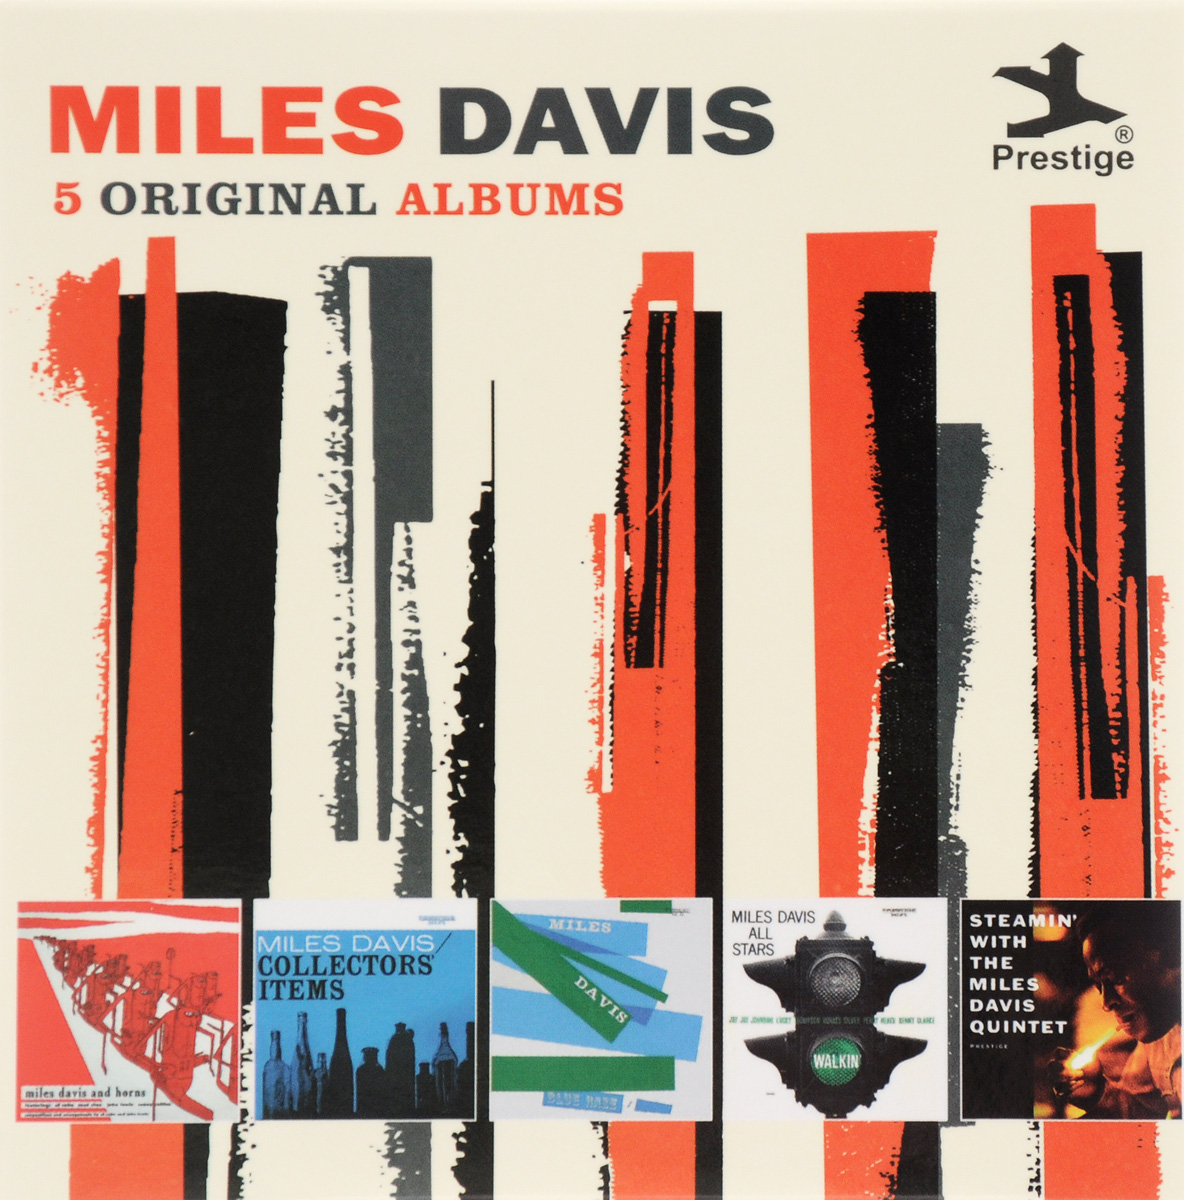 Майлз Дэвис Miles Davis. 5 Original Albums (5 CD) майлз дэвис miles davis 5 original albums 5 cd